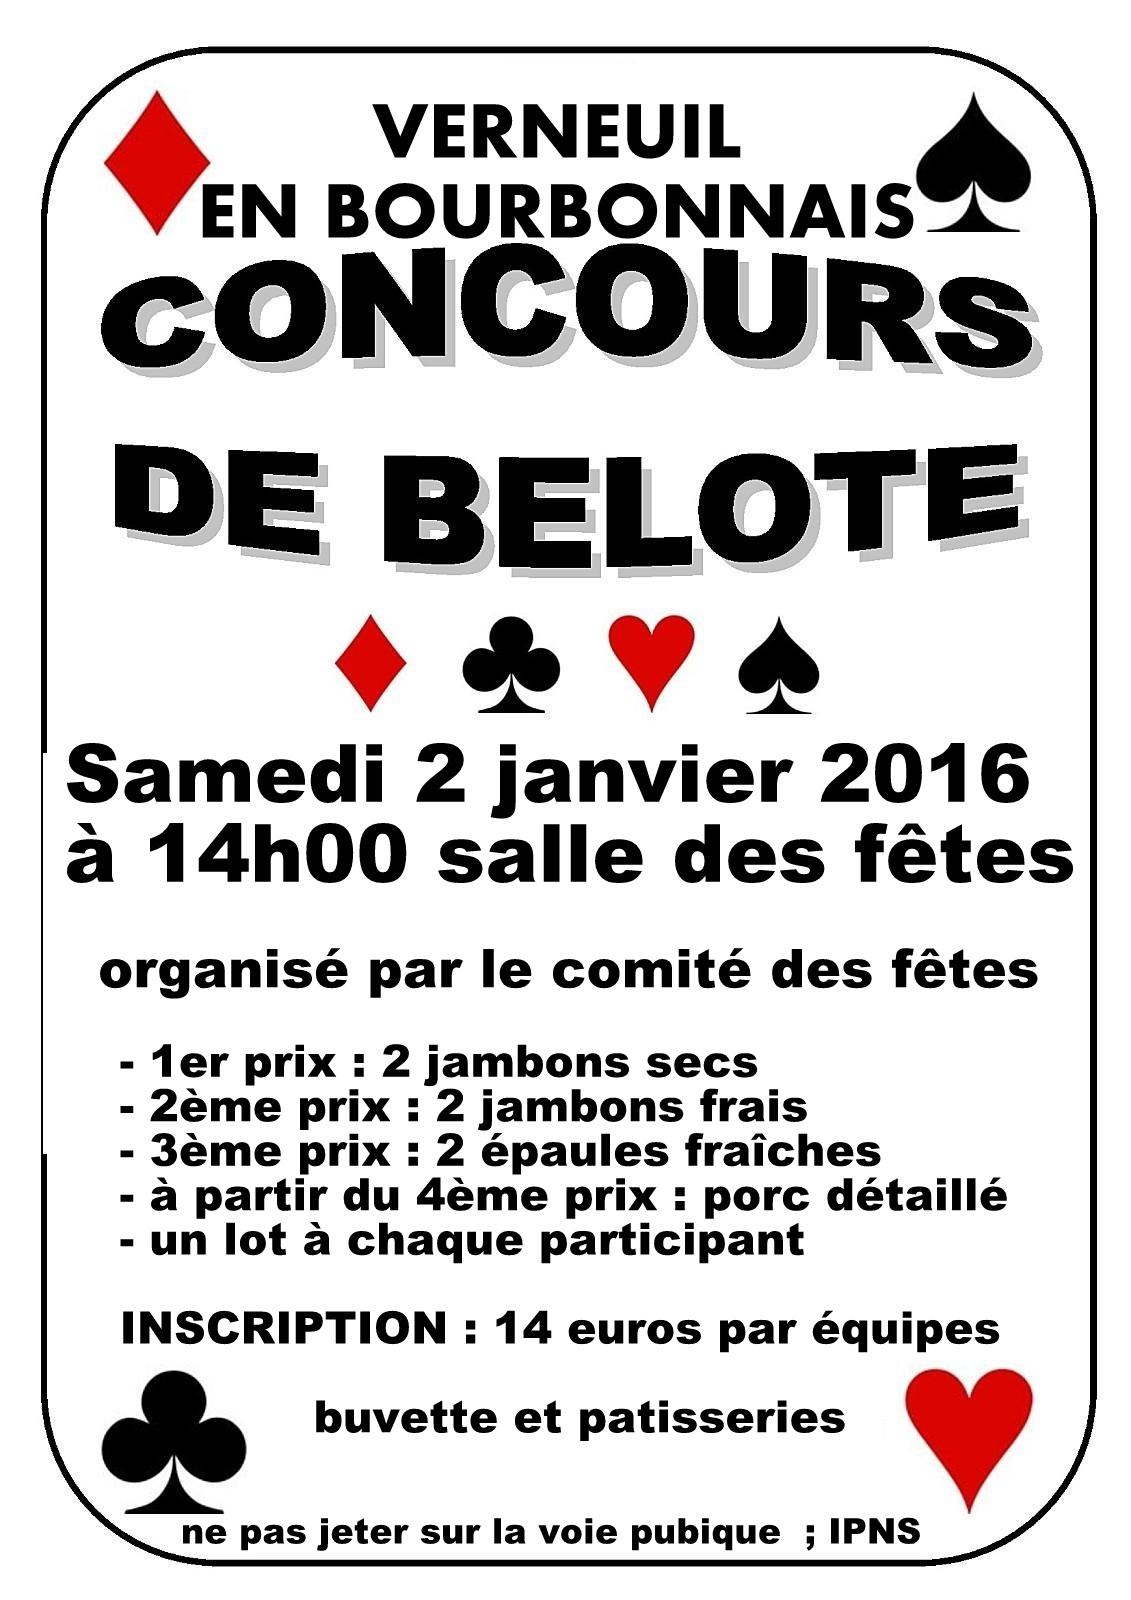 concours de belote le samedi 2 janvier 2016 à verneuil en bourbonnais